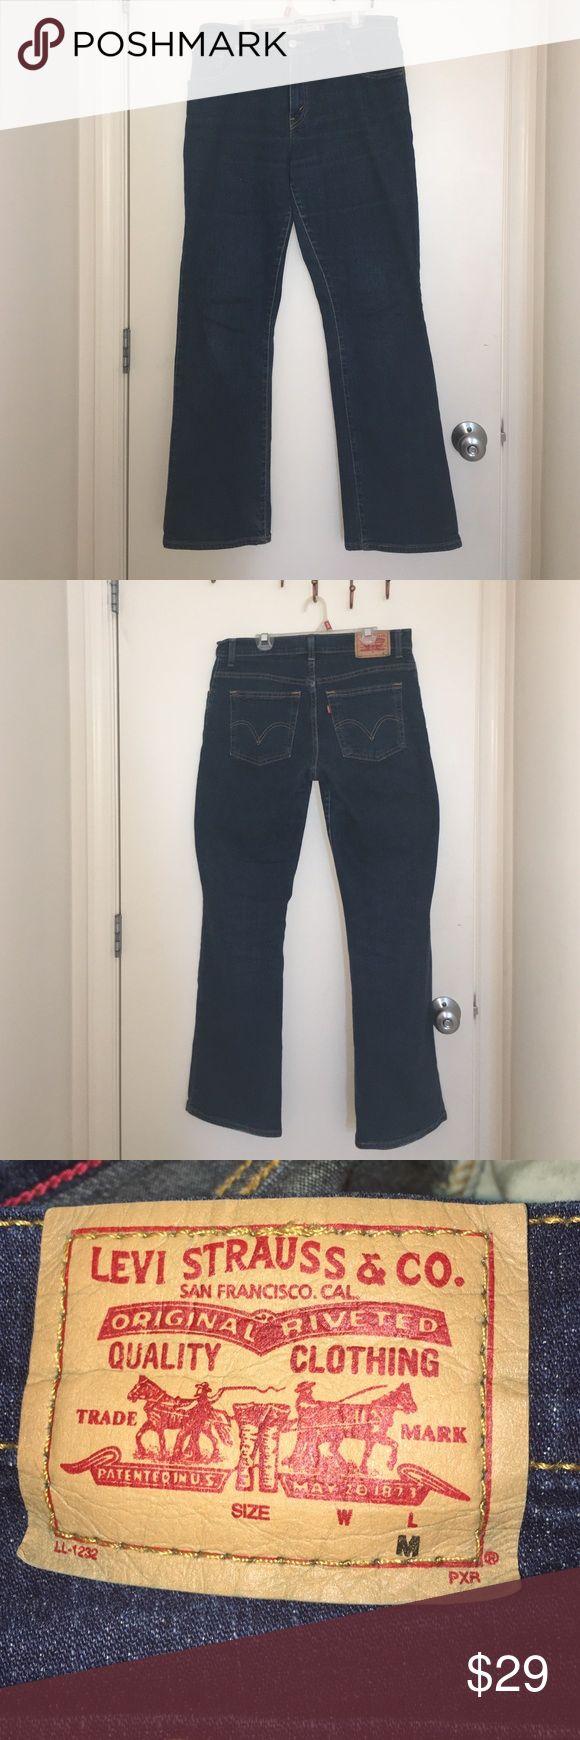 Dark Blue relaxed boot cut LEVIS jeans #LEVIS #jeans #style #fashion #Levis #Levisjeans #cheap #blue Levi's Jeans Boot Cut